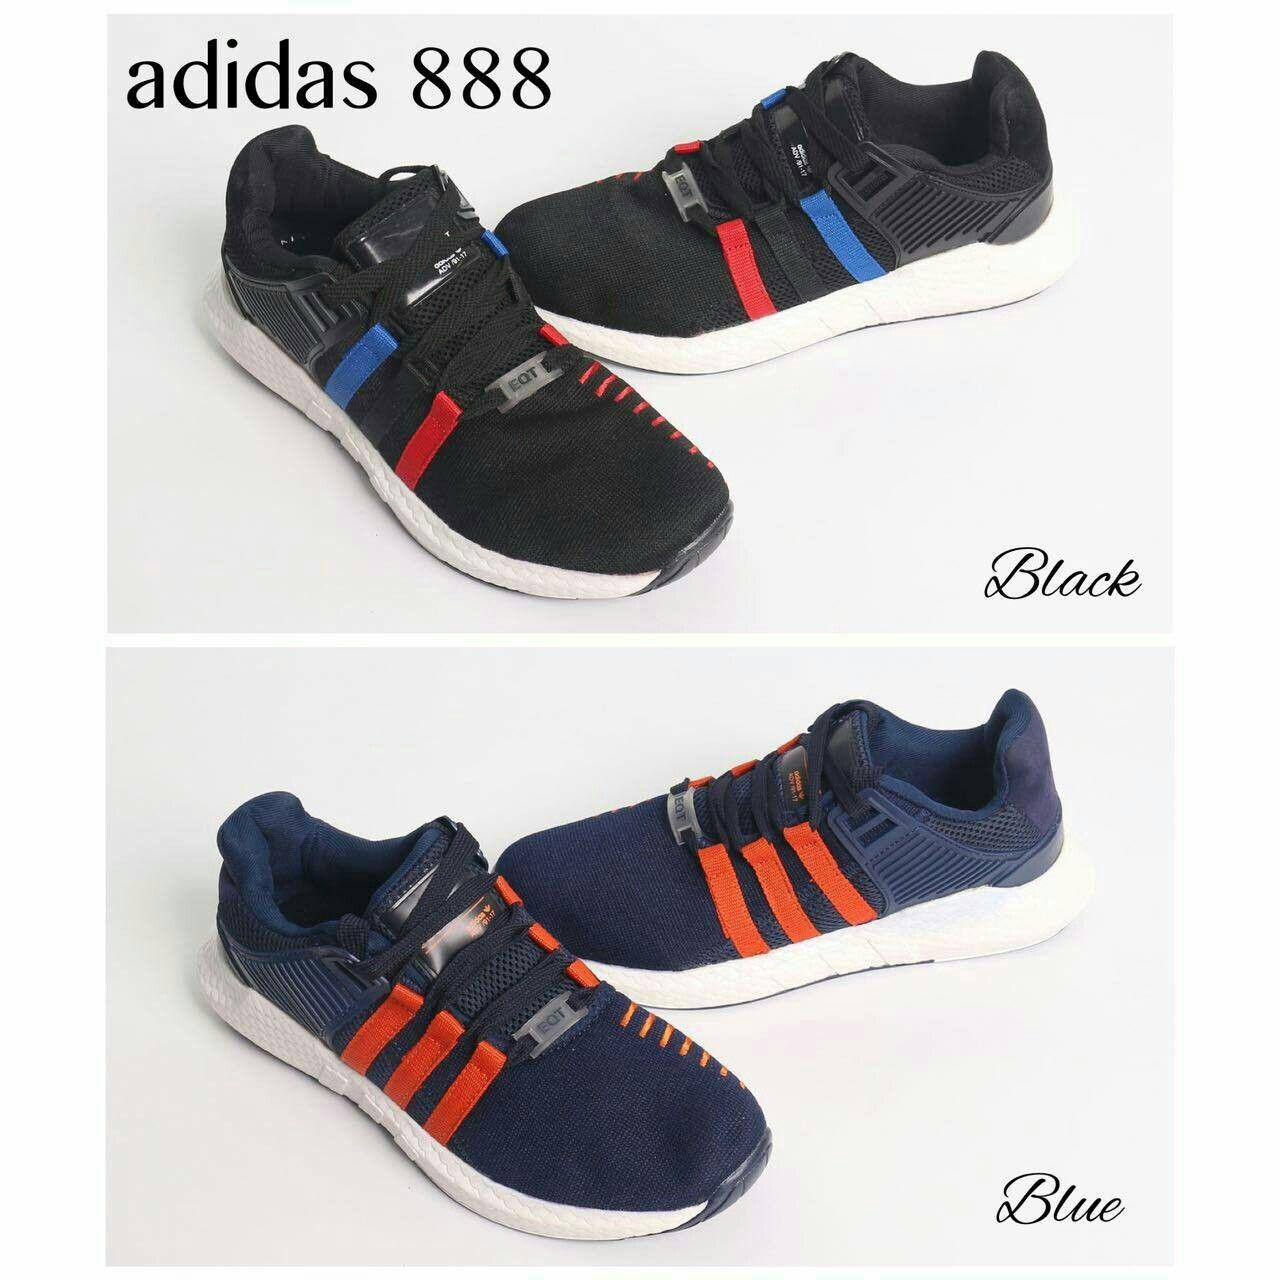 Sepatu Adidas 888 40 26cm 41 26 7cm 42 27 3cm 43 28cm 44 28 6 45 29 3cm Bahan Kanvas Semiori 1 1 Ready 2 Colour Blue Black Harga Rp 28 Sepatu